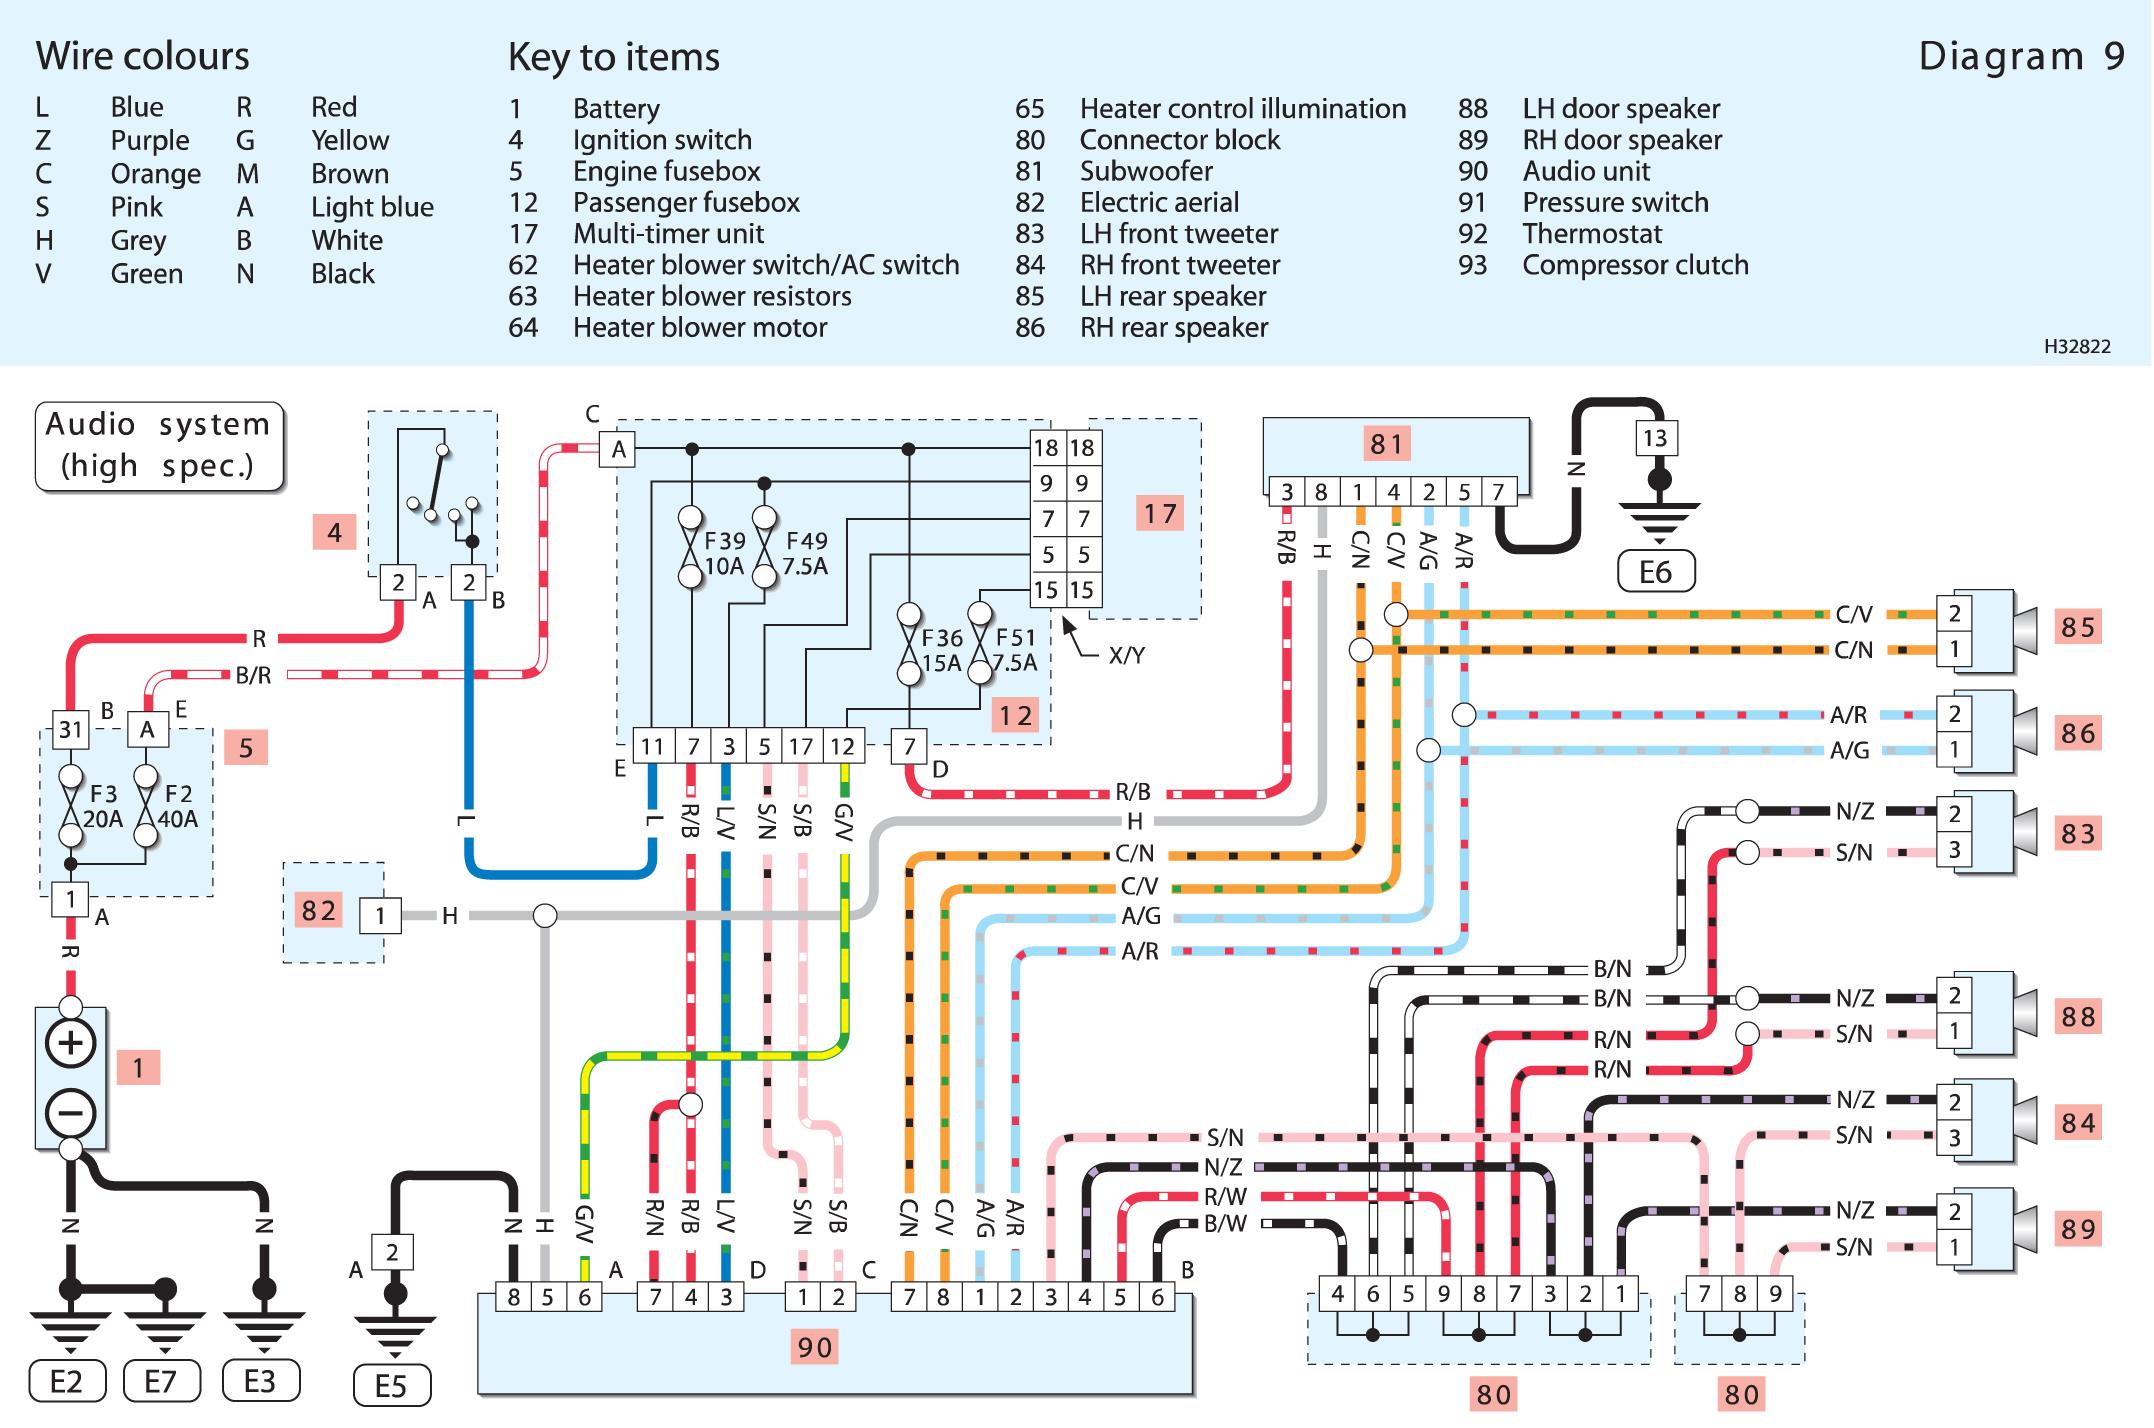 wiring diagram for fiat punto mk2 wiring diagram note fiat punto 2 wiring diagram fiat punto 2001 wiring diagram [ 2154 x 1428 Pixel ]